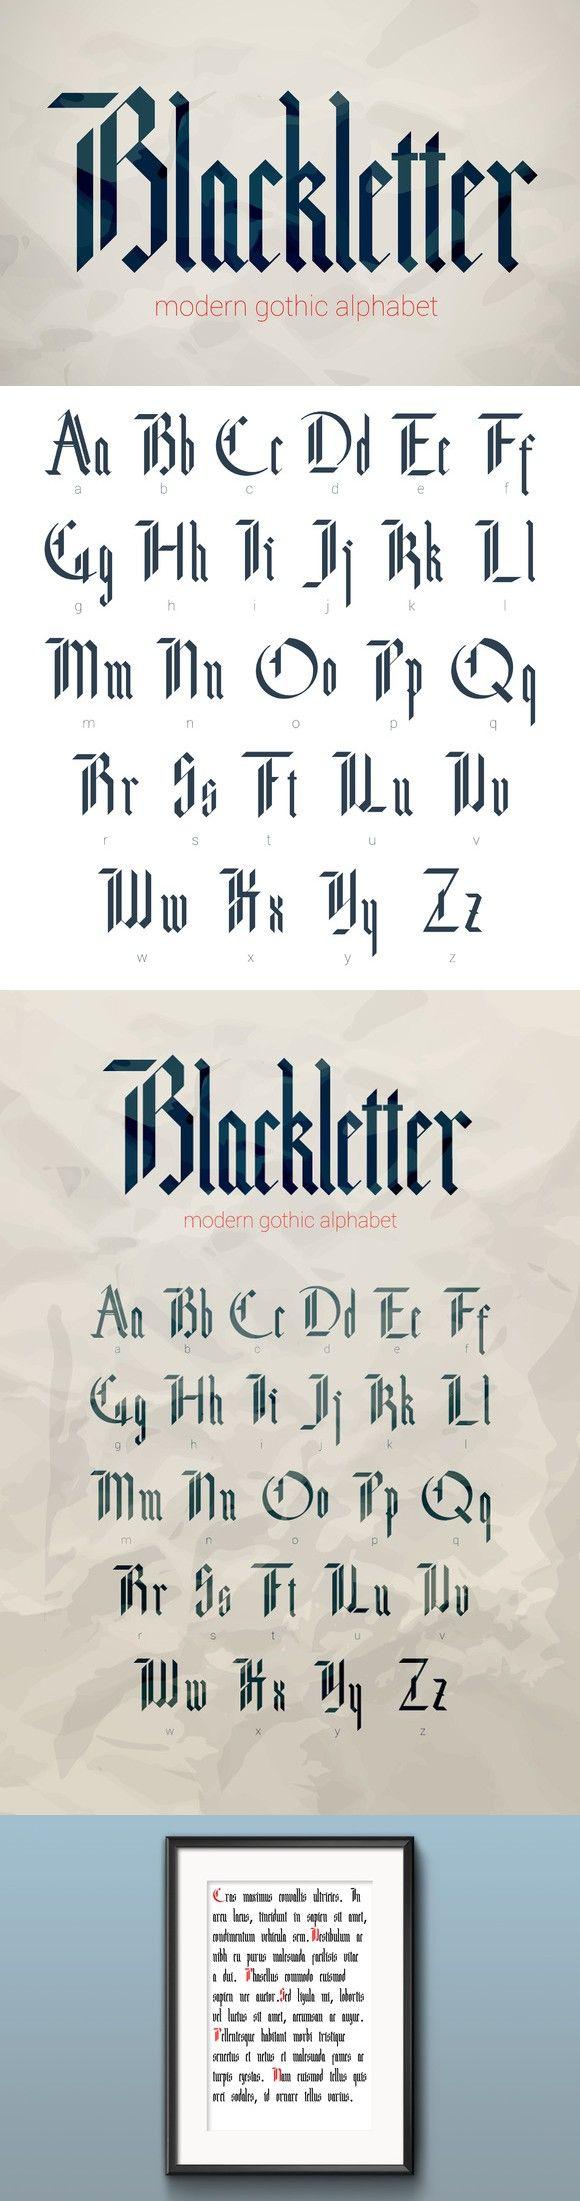 Blackletter modern gothic font.. Fonts. $12.00